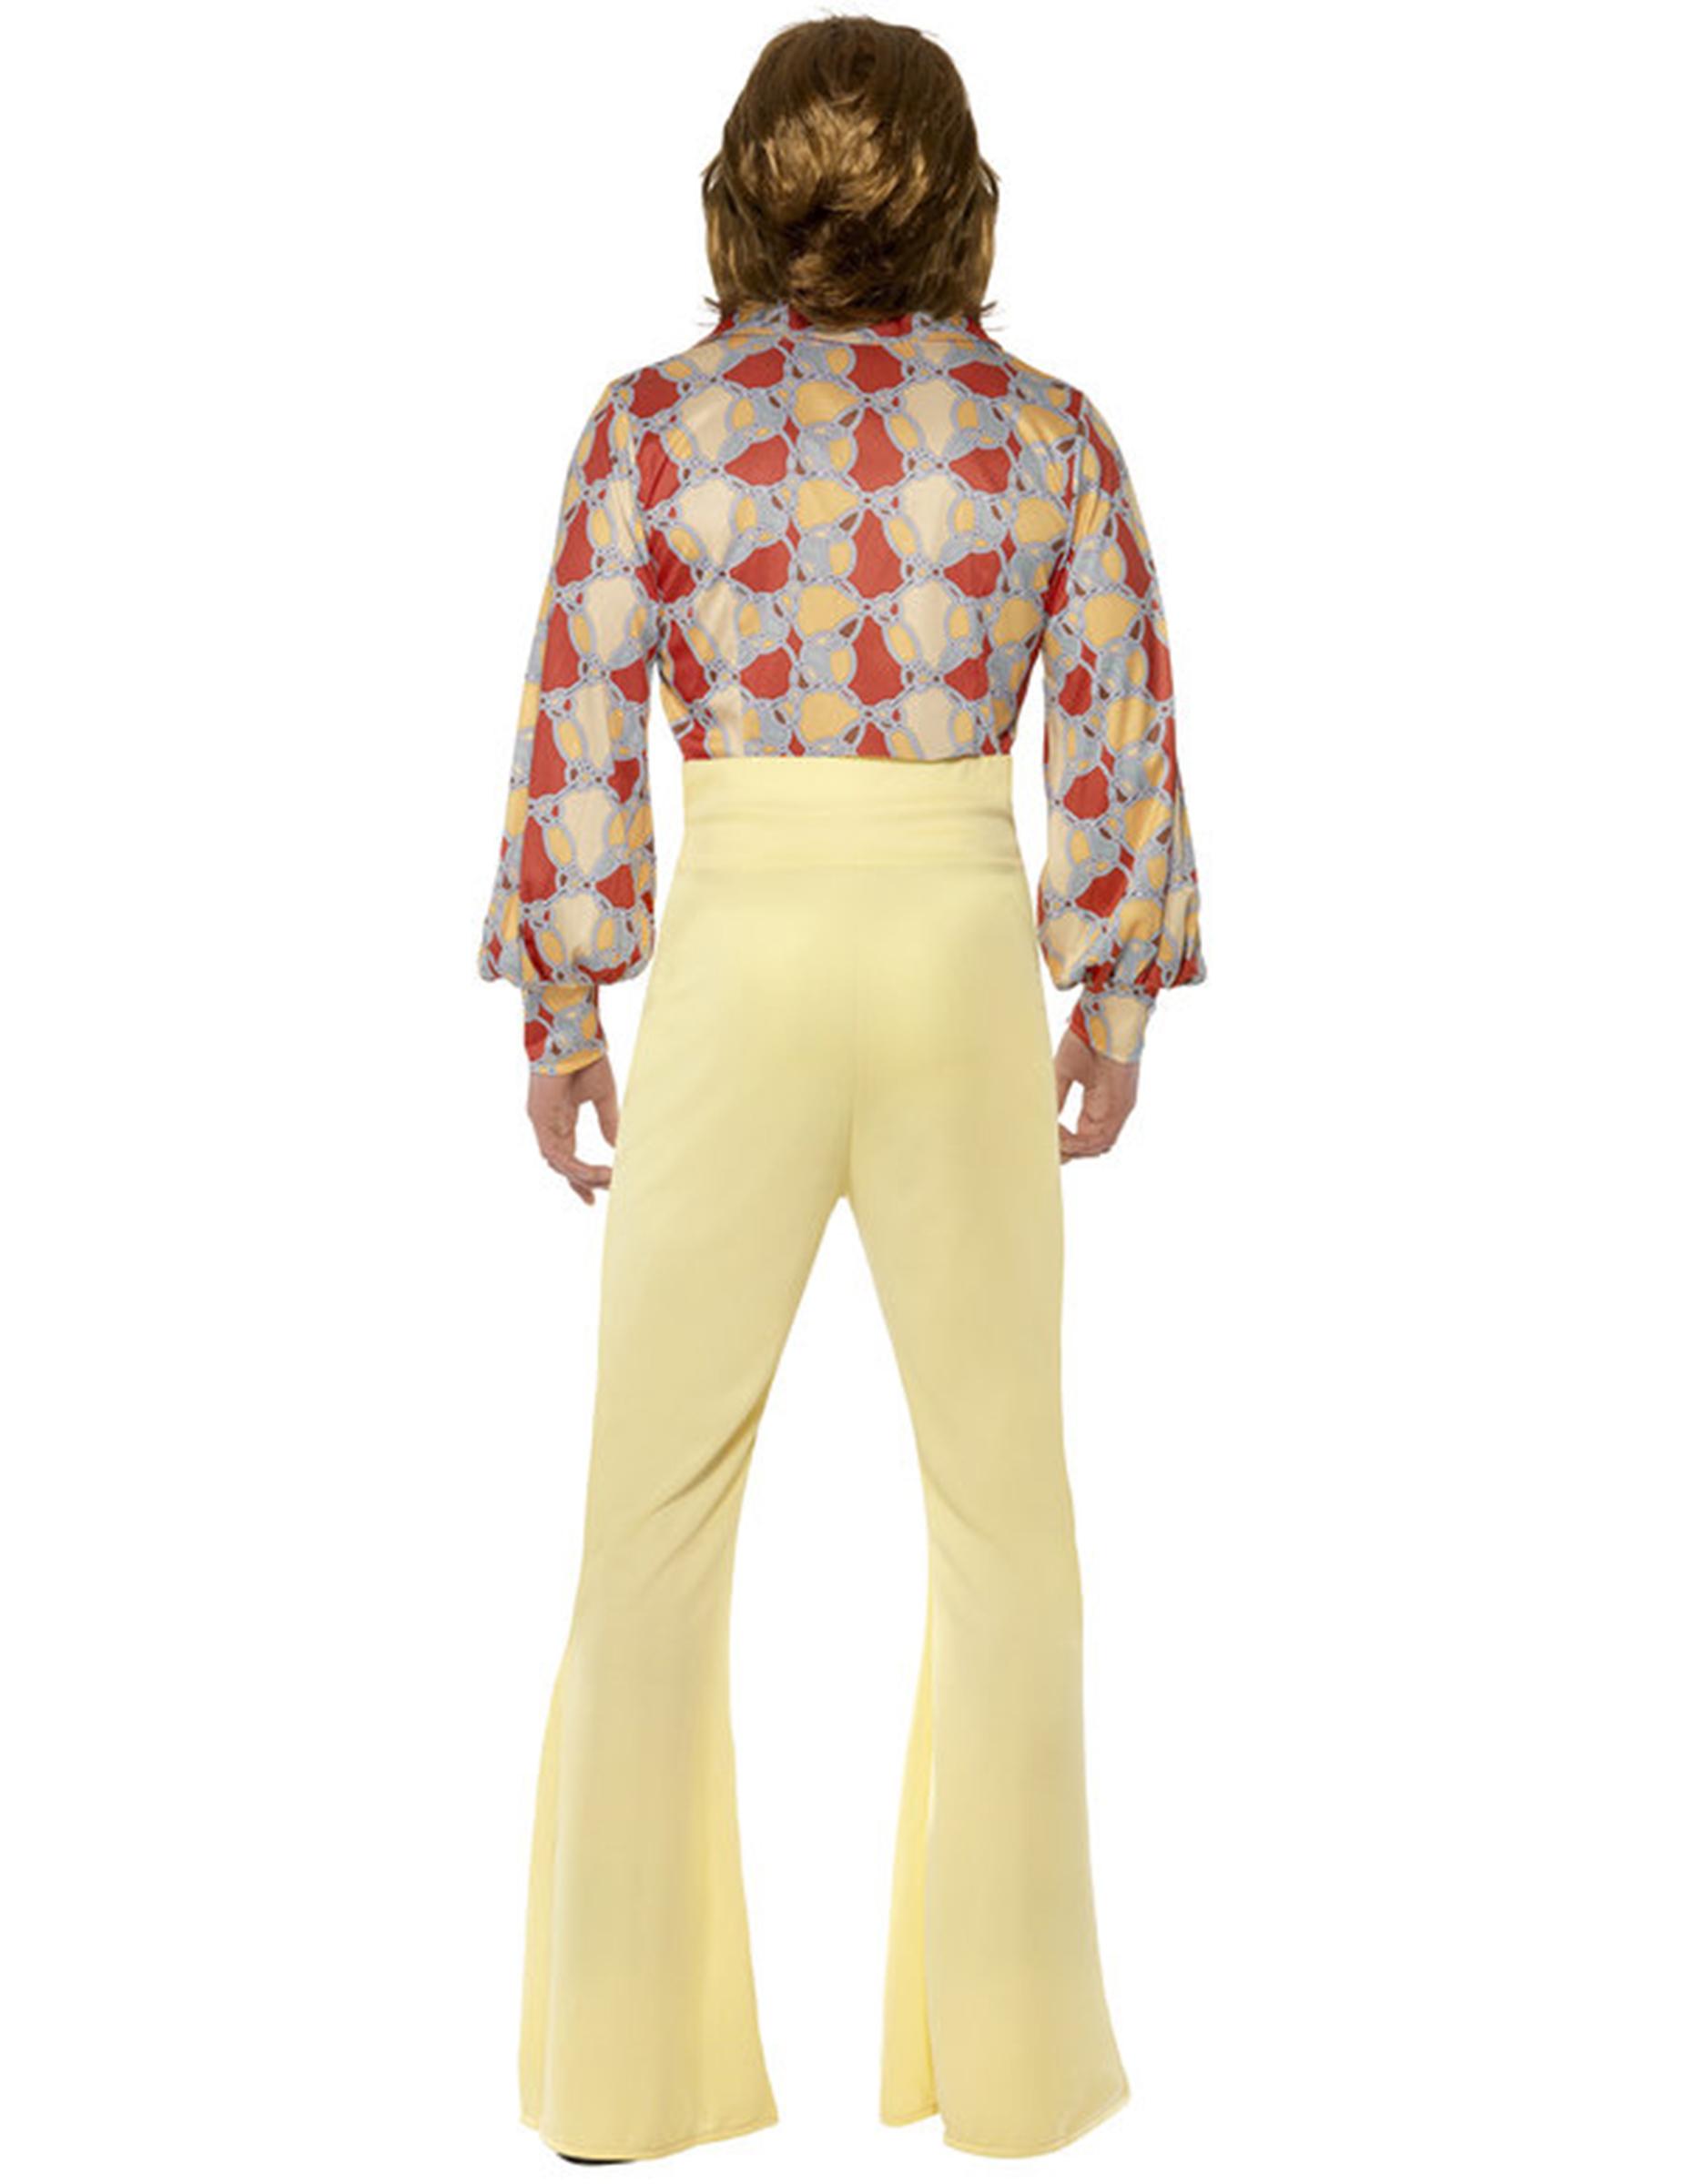 Uomo Anni 70.Dettagli Su Costume Disco Uomo Anni 70 Carnevale Cod 200047